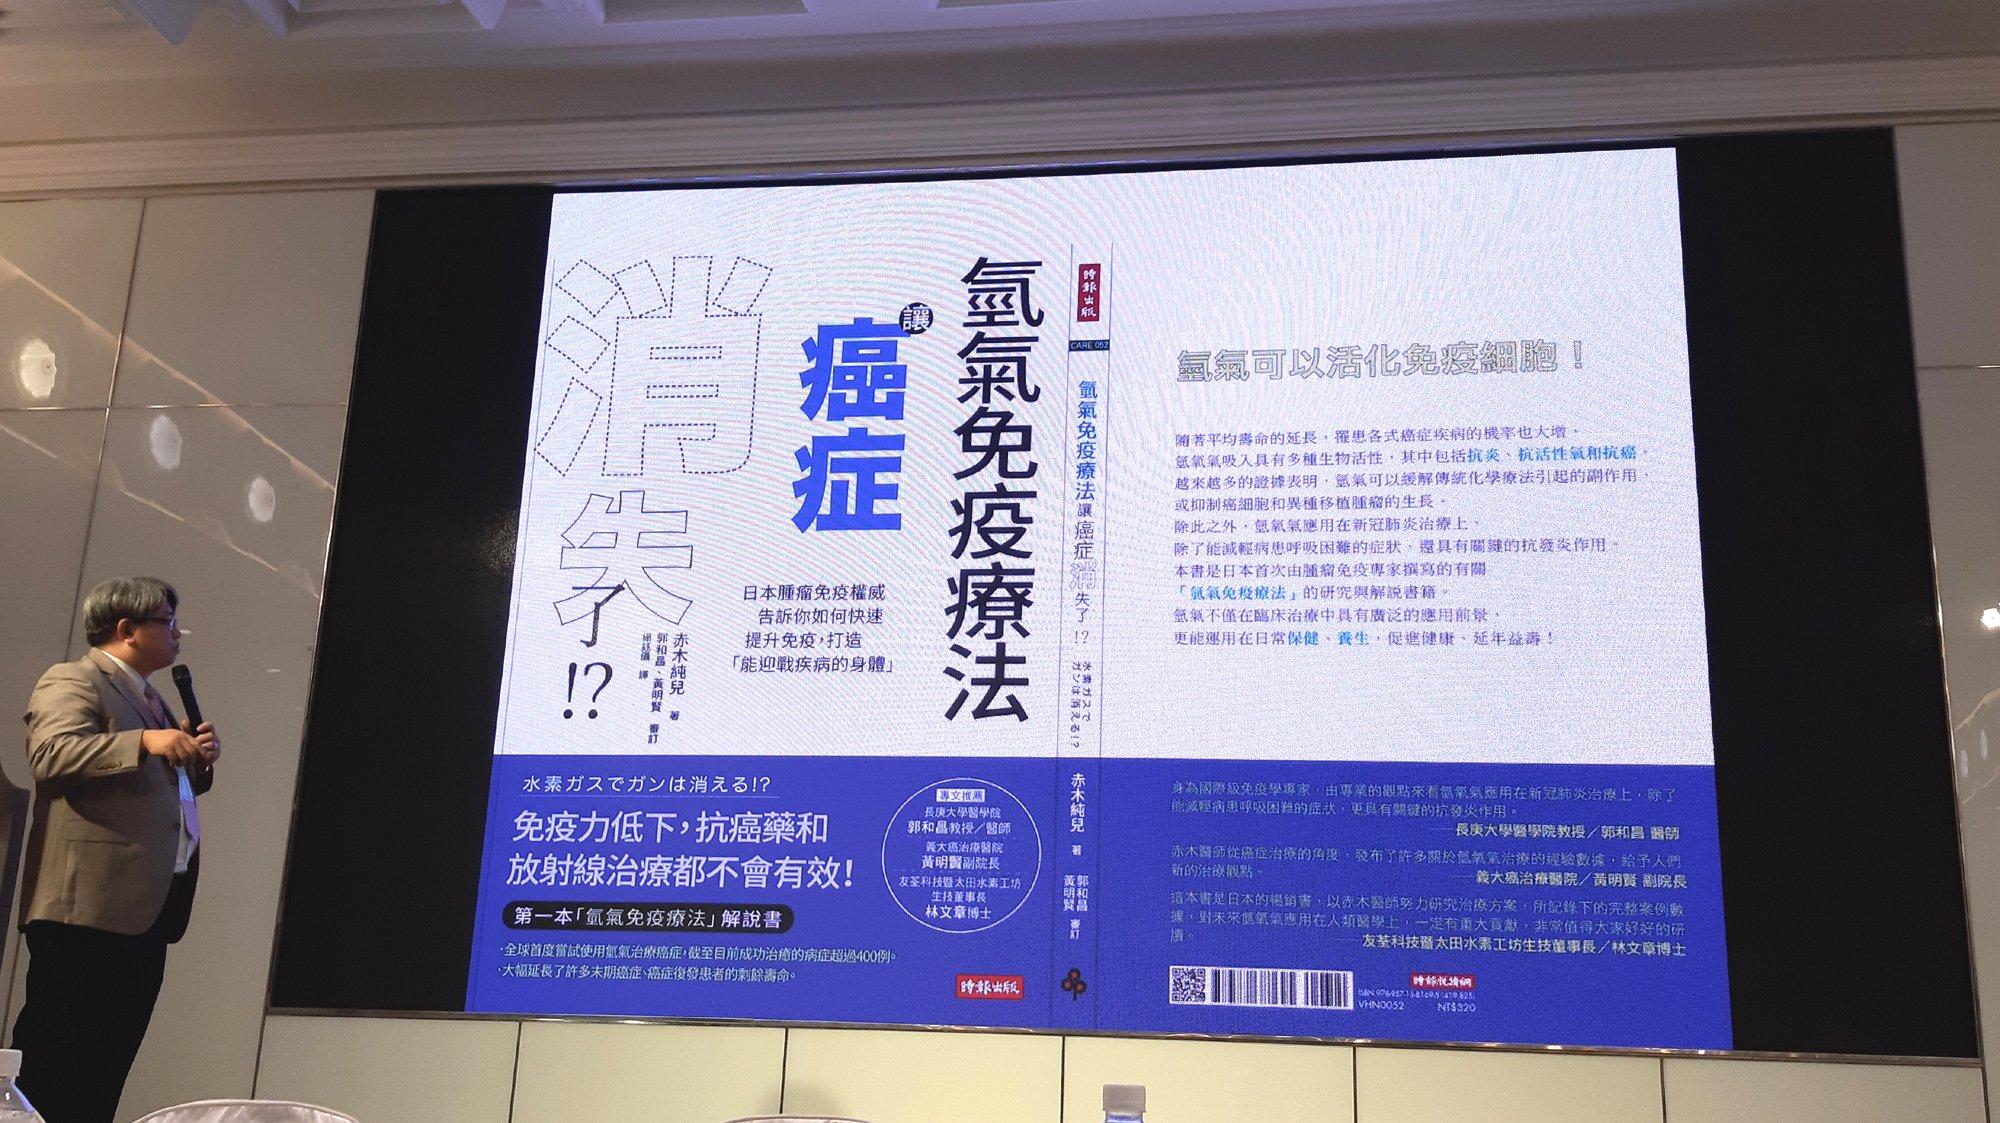 臺灣氫分子醫療促進協會-16 郭和昌教授 解說 氫氣免疫療法讓癌症消失了 新書發表